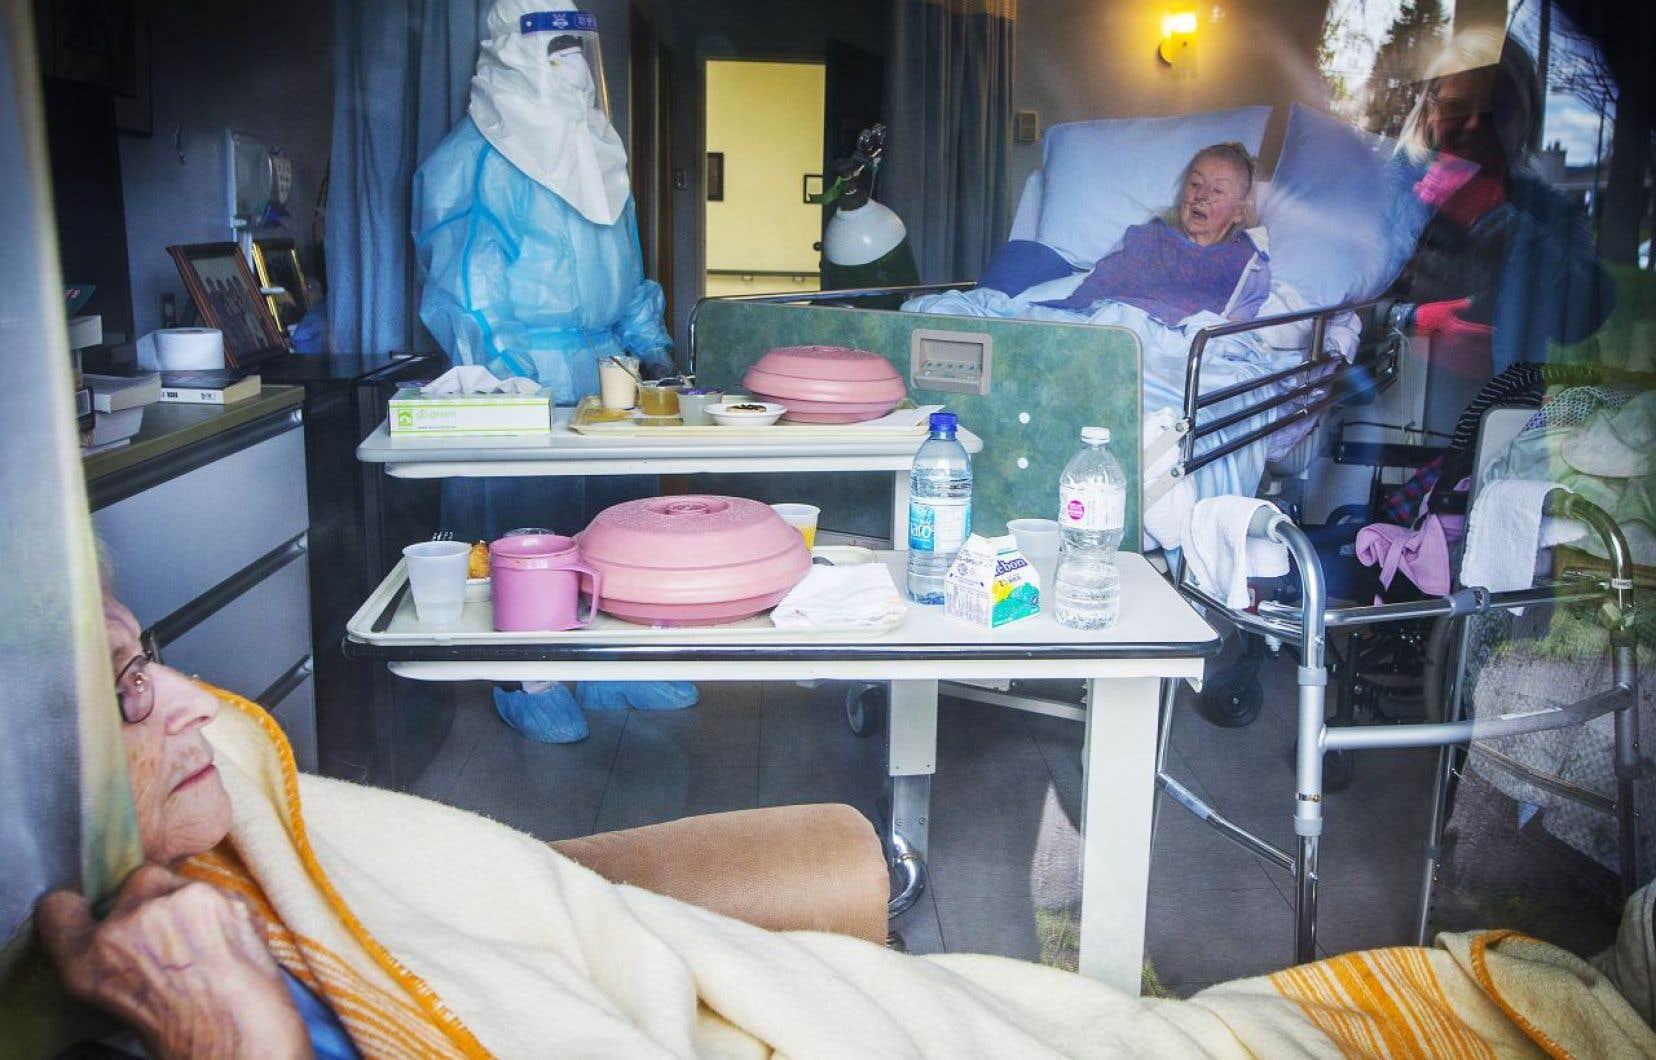 Le vétéran photographe Jacques Nadeau récolte quant à lui une nomination dans la catégorie «Photo d'actualité générale». Son cliché, pris en mai dernier, à travers la vitre d'un centre pour personnes âgées, met en image les terribles conditions de vie qu'entraîne la pandémie.